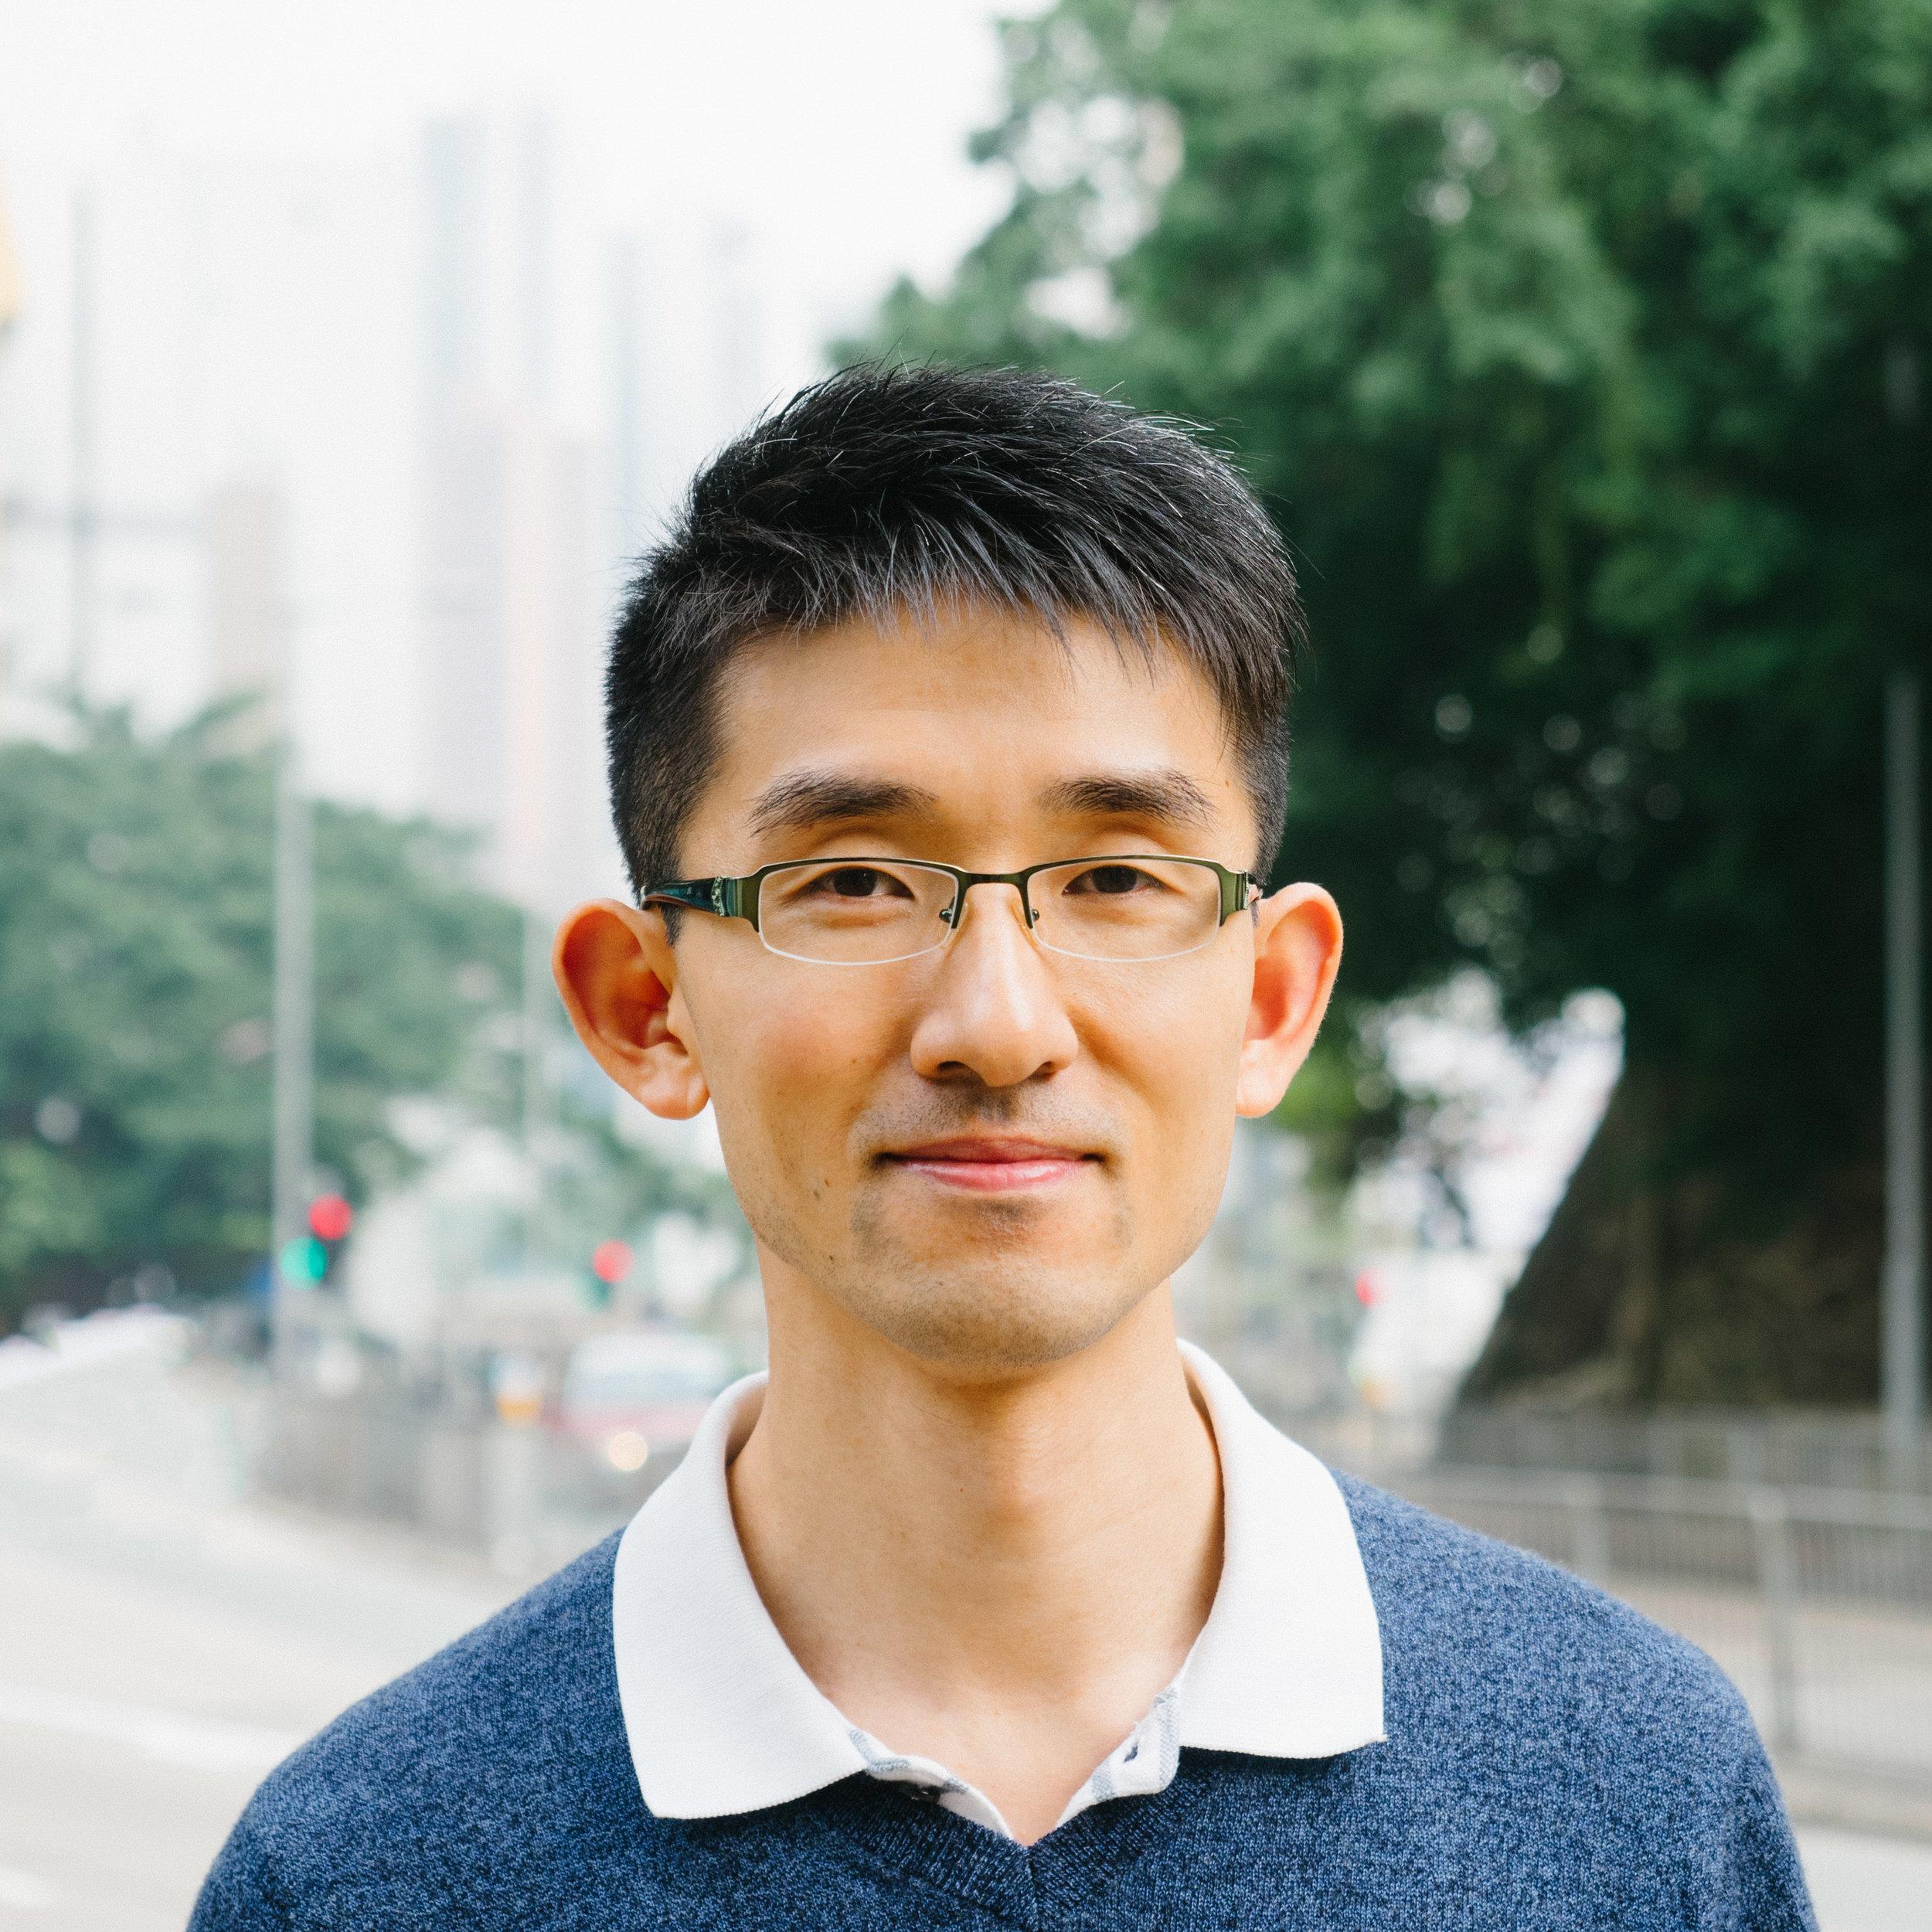 Paul Shi